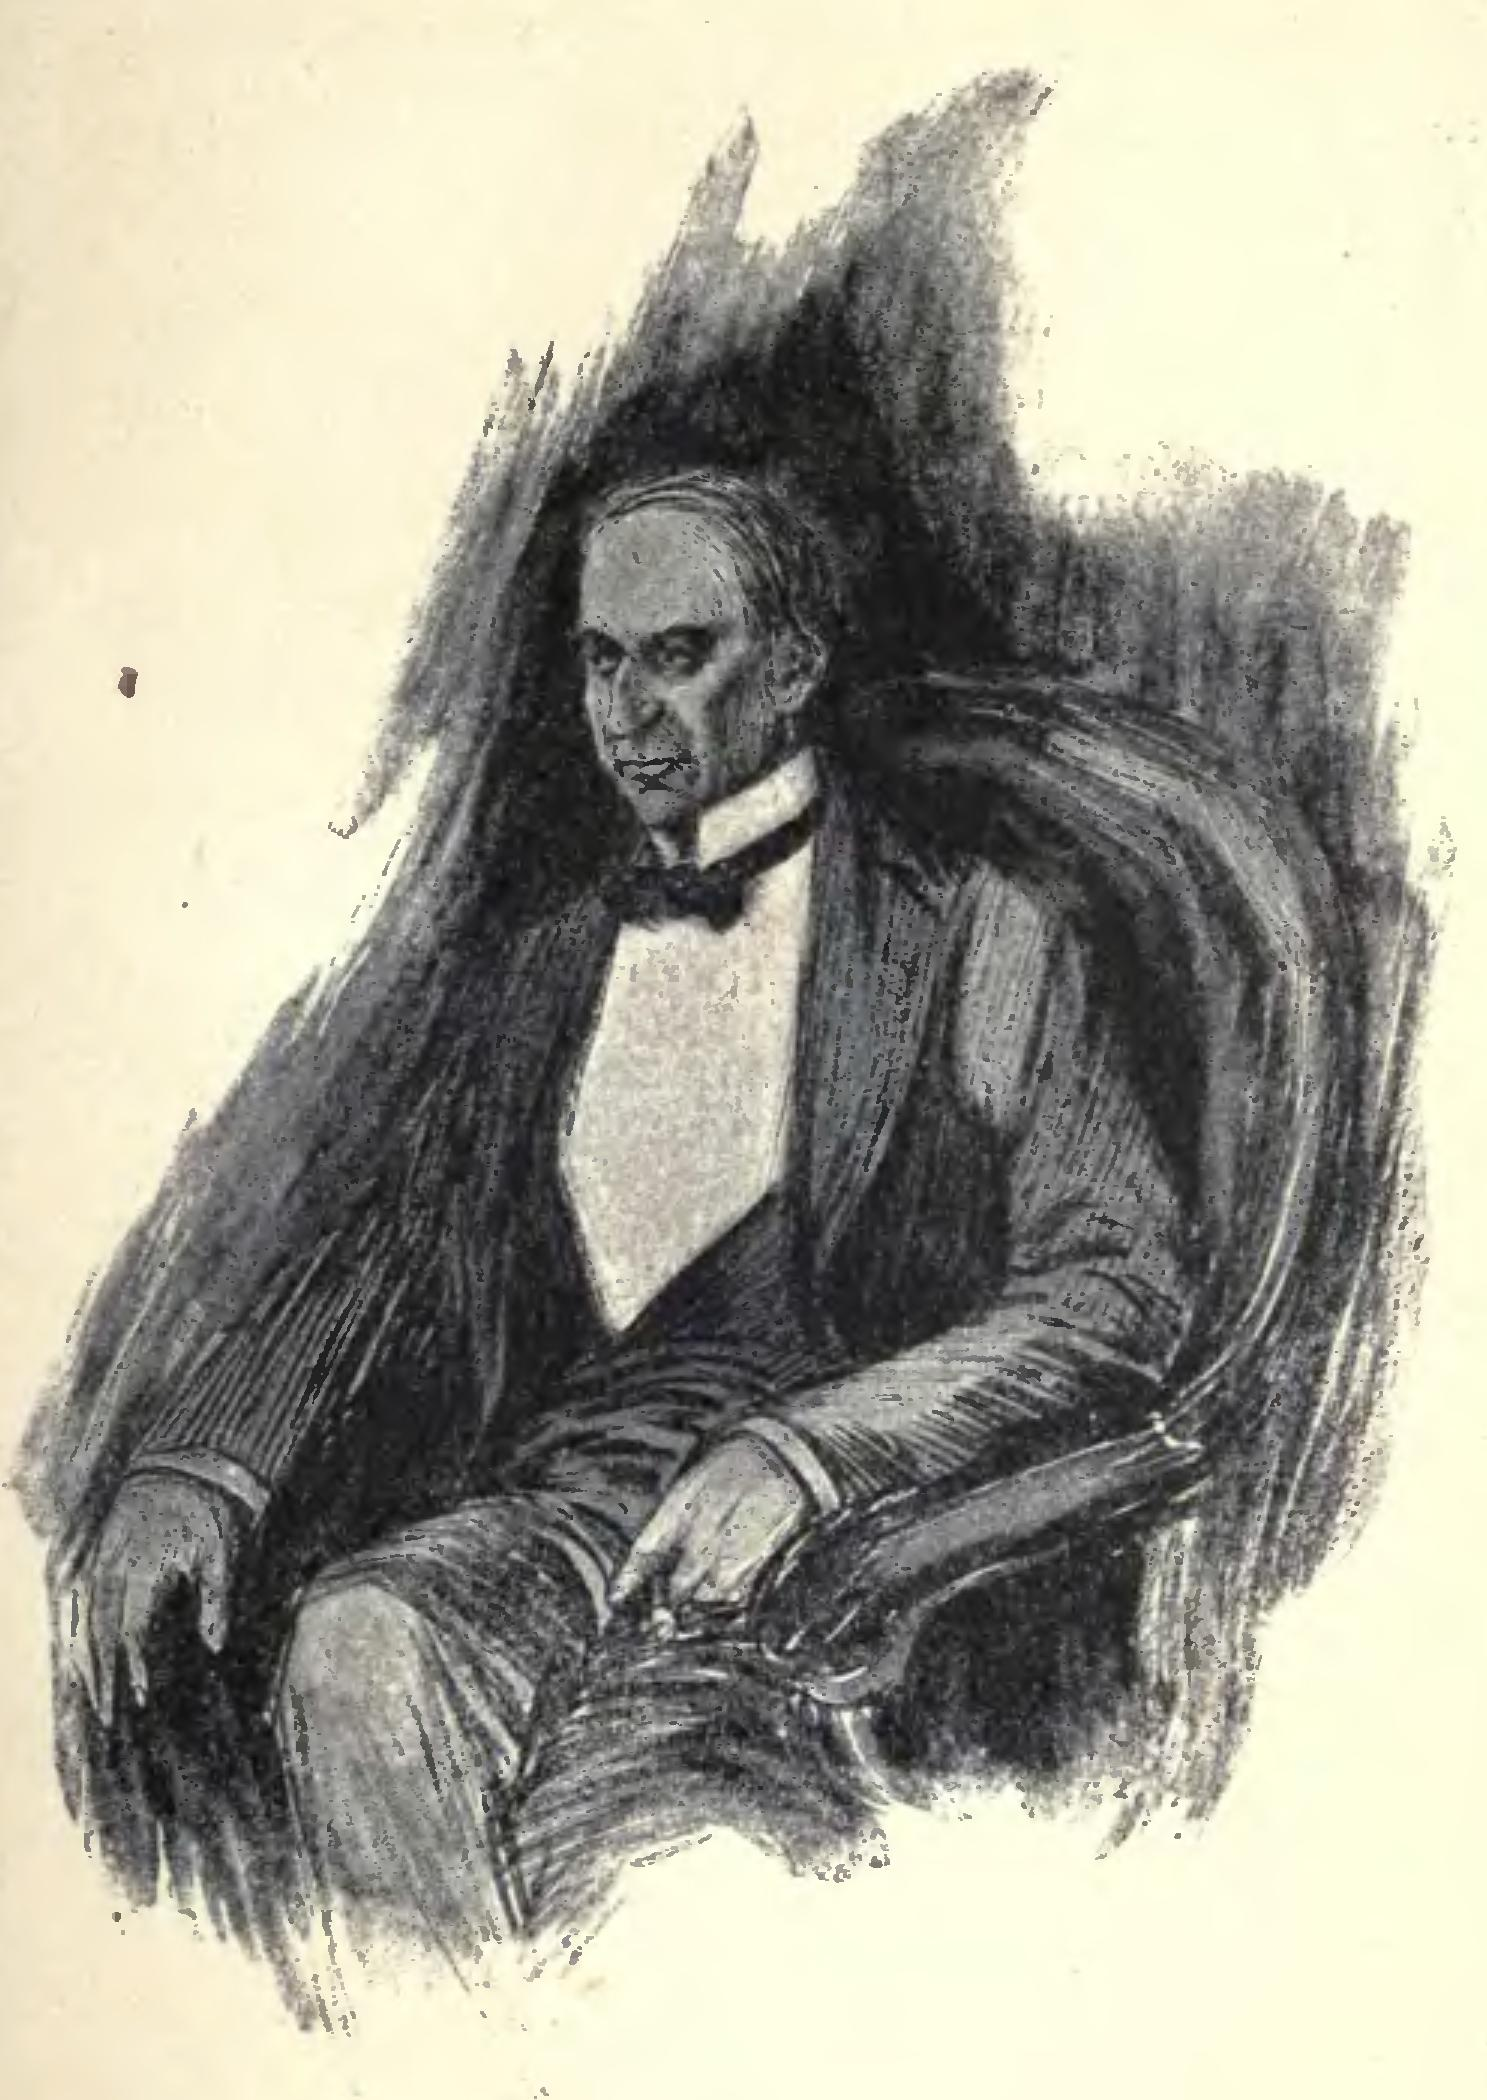 Risultati immagini per dottor jekyll e mister hyde prima edizione